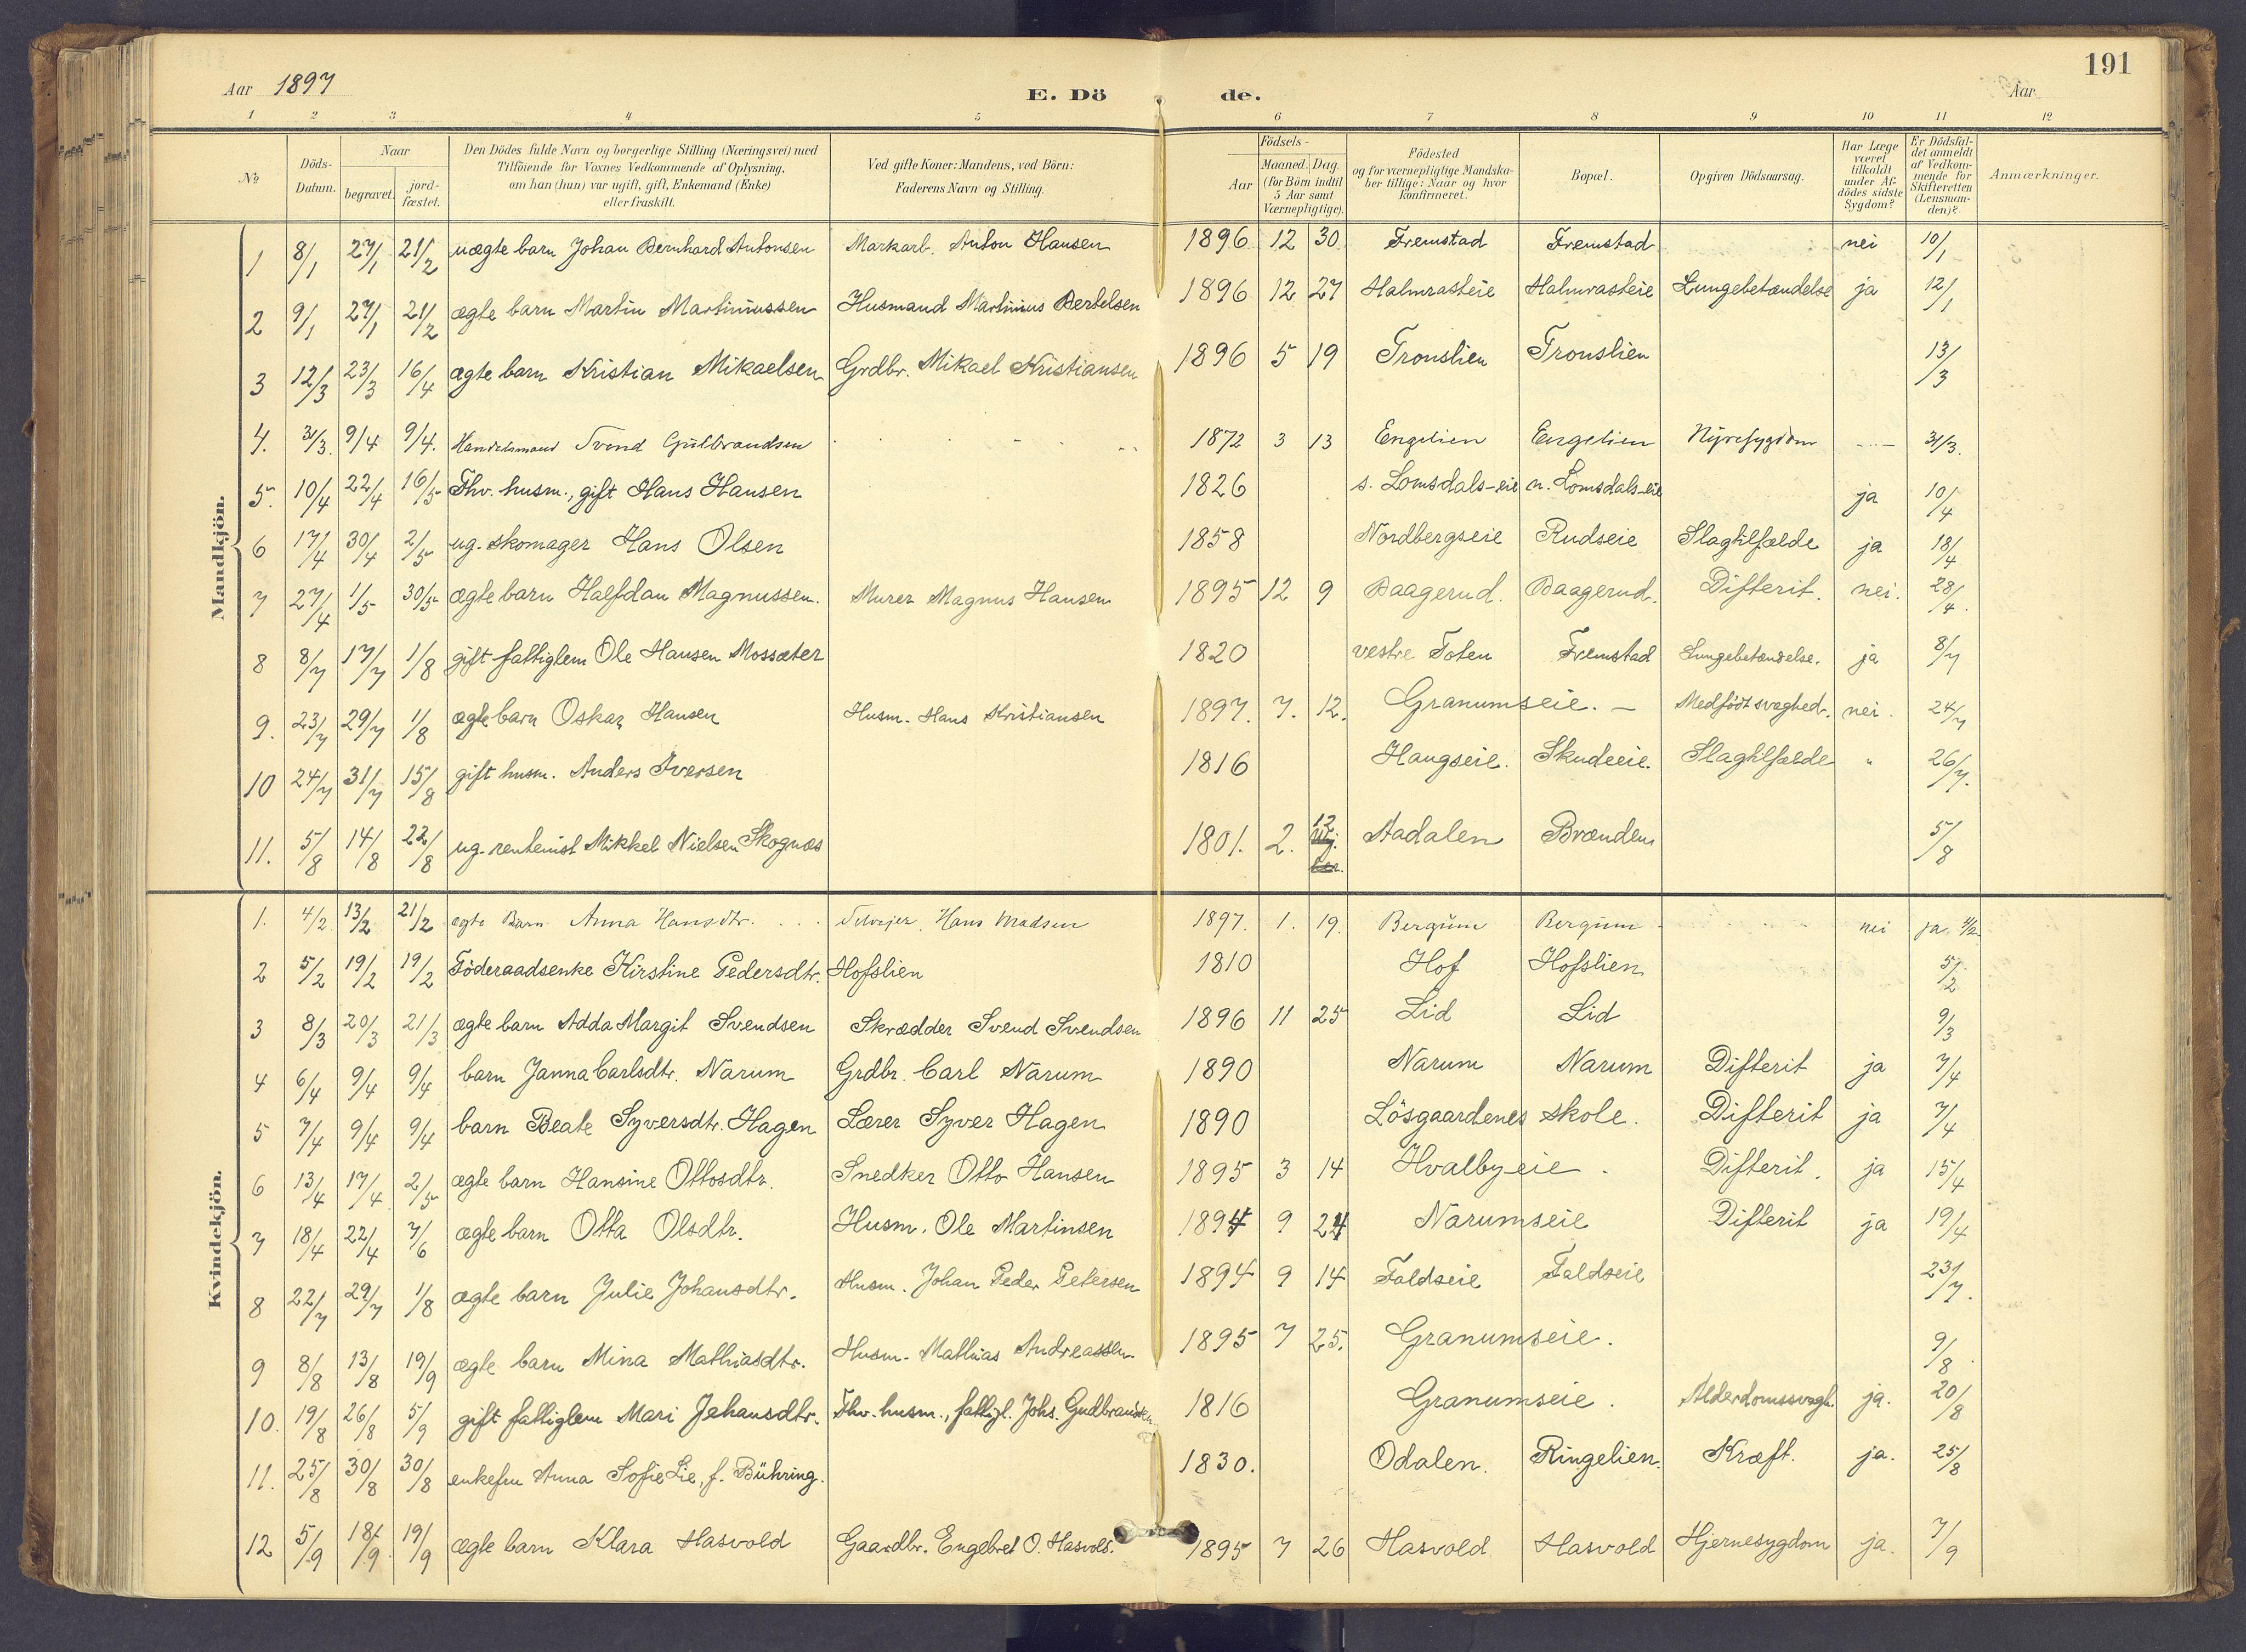 SAH, Søndre Land prestekontor, K/L0006: Ministerialbok nr. 6, 1895-1904, s. 191